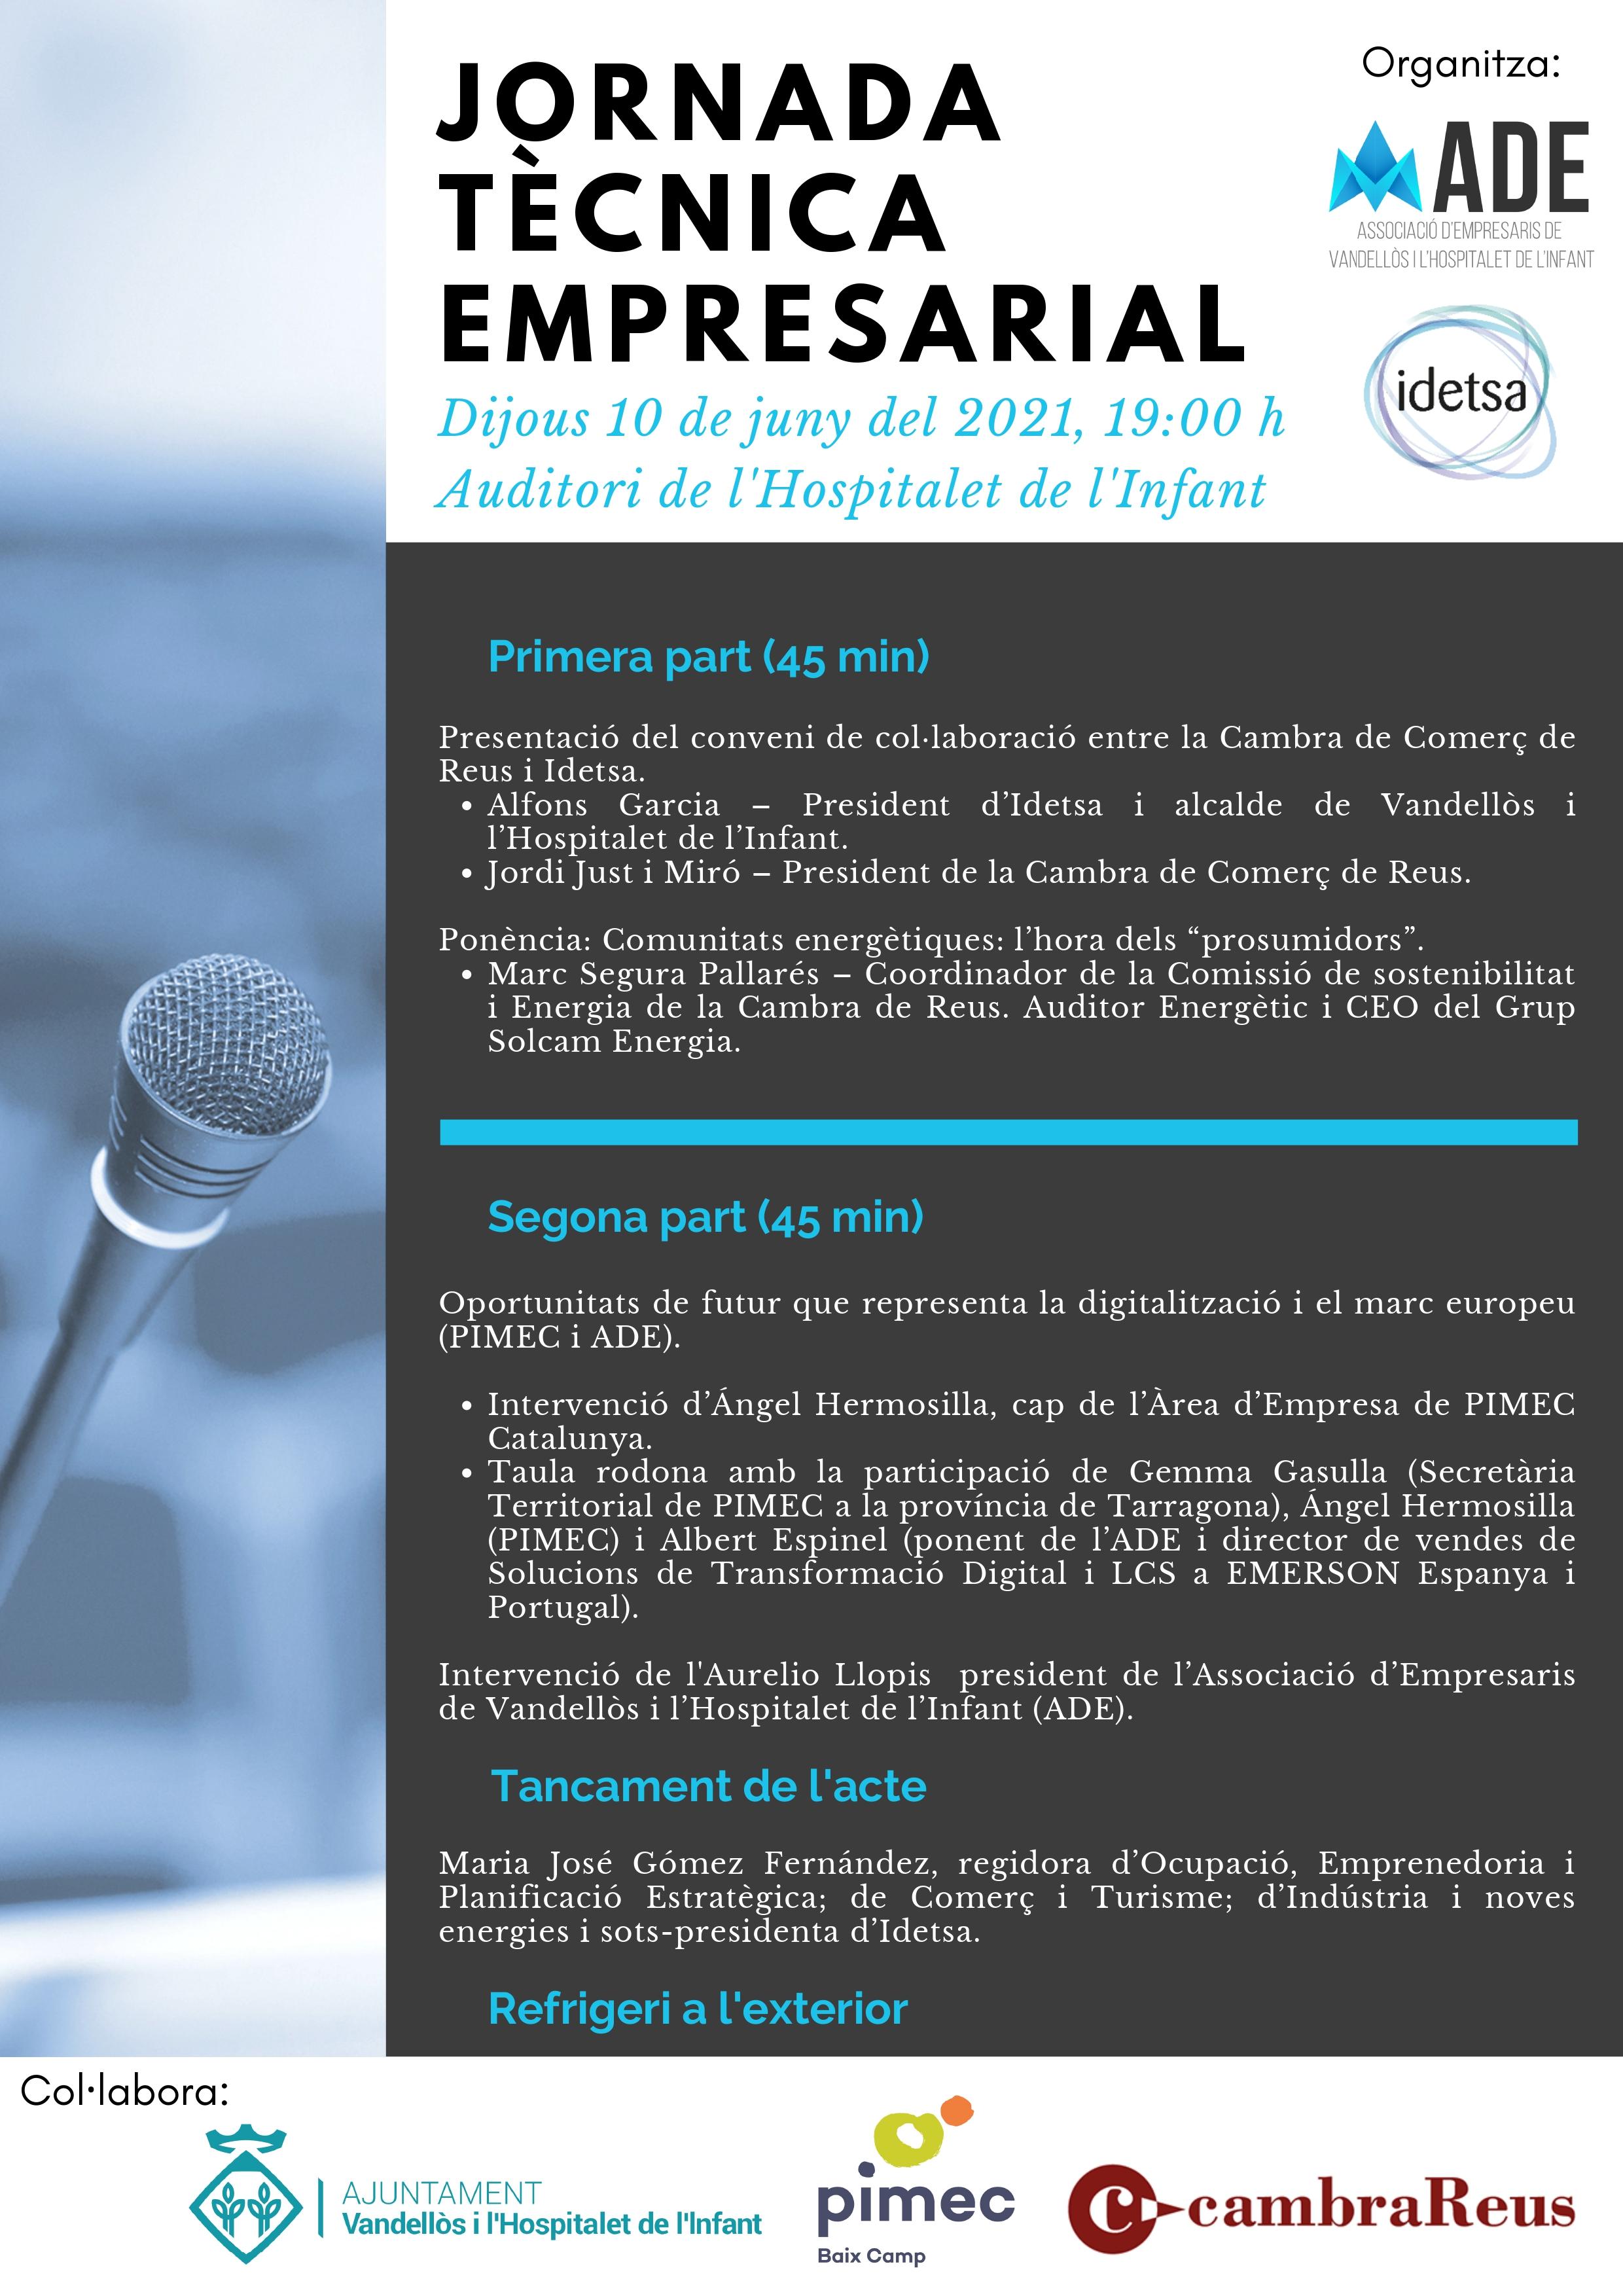 Jornada tècnica empresarial / 10-06-2021 al Teatre Auditori de l'Hospitalet de l'Infant